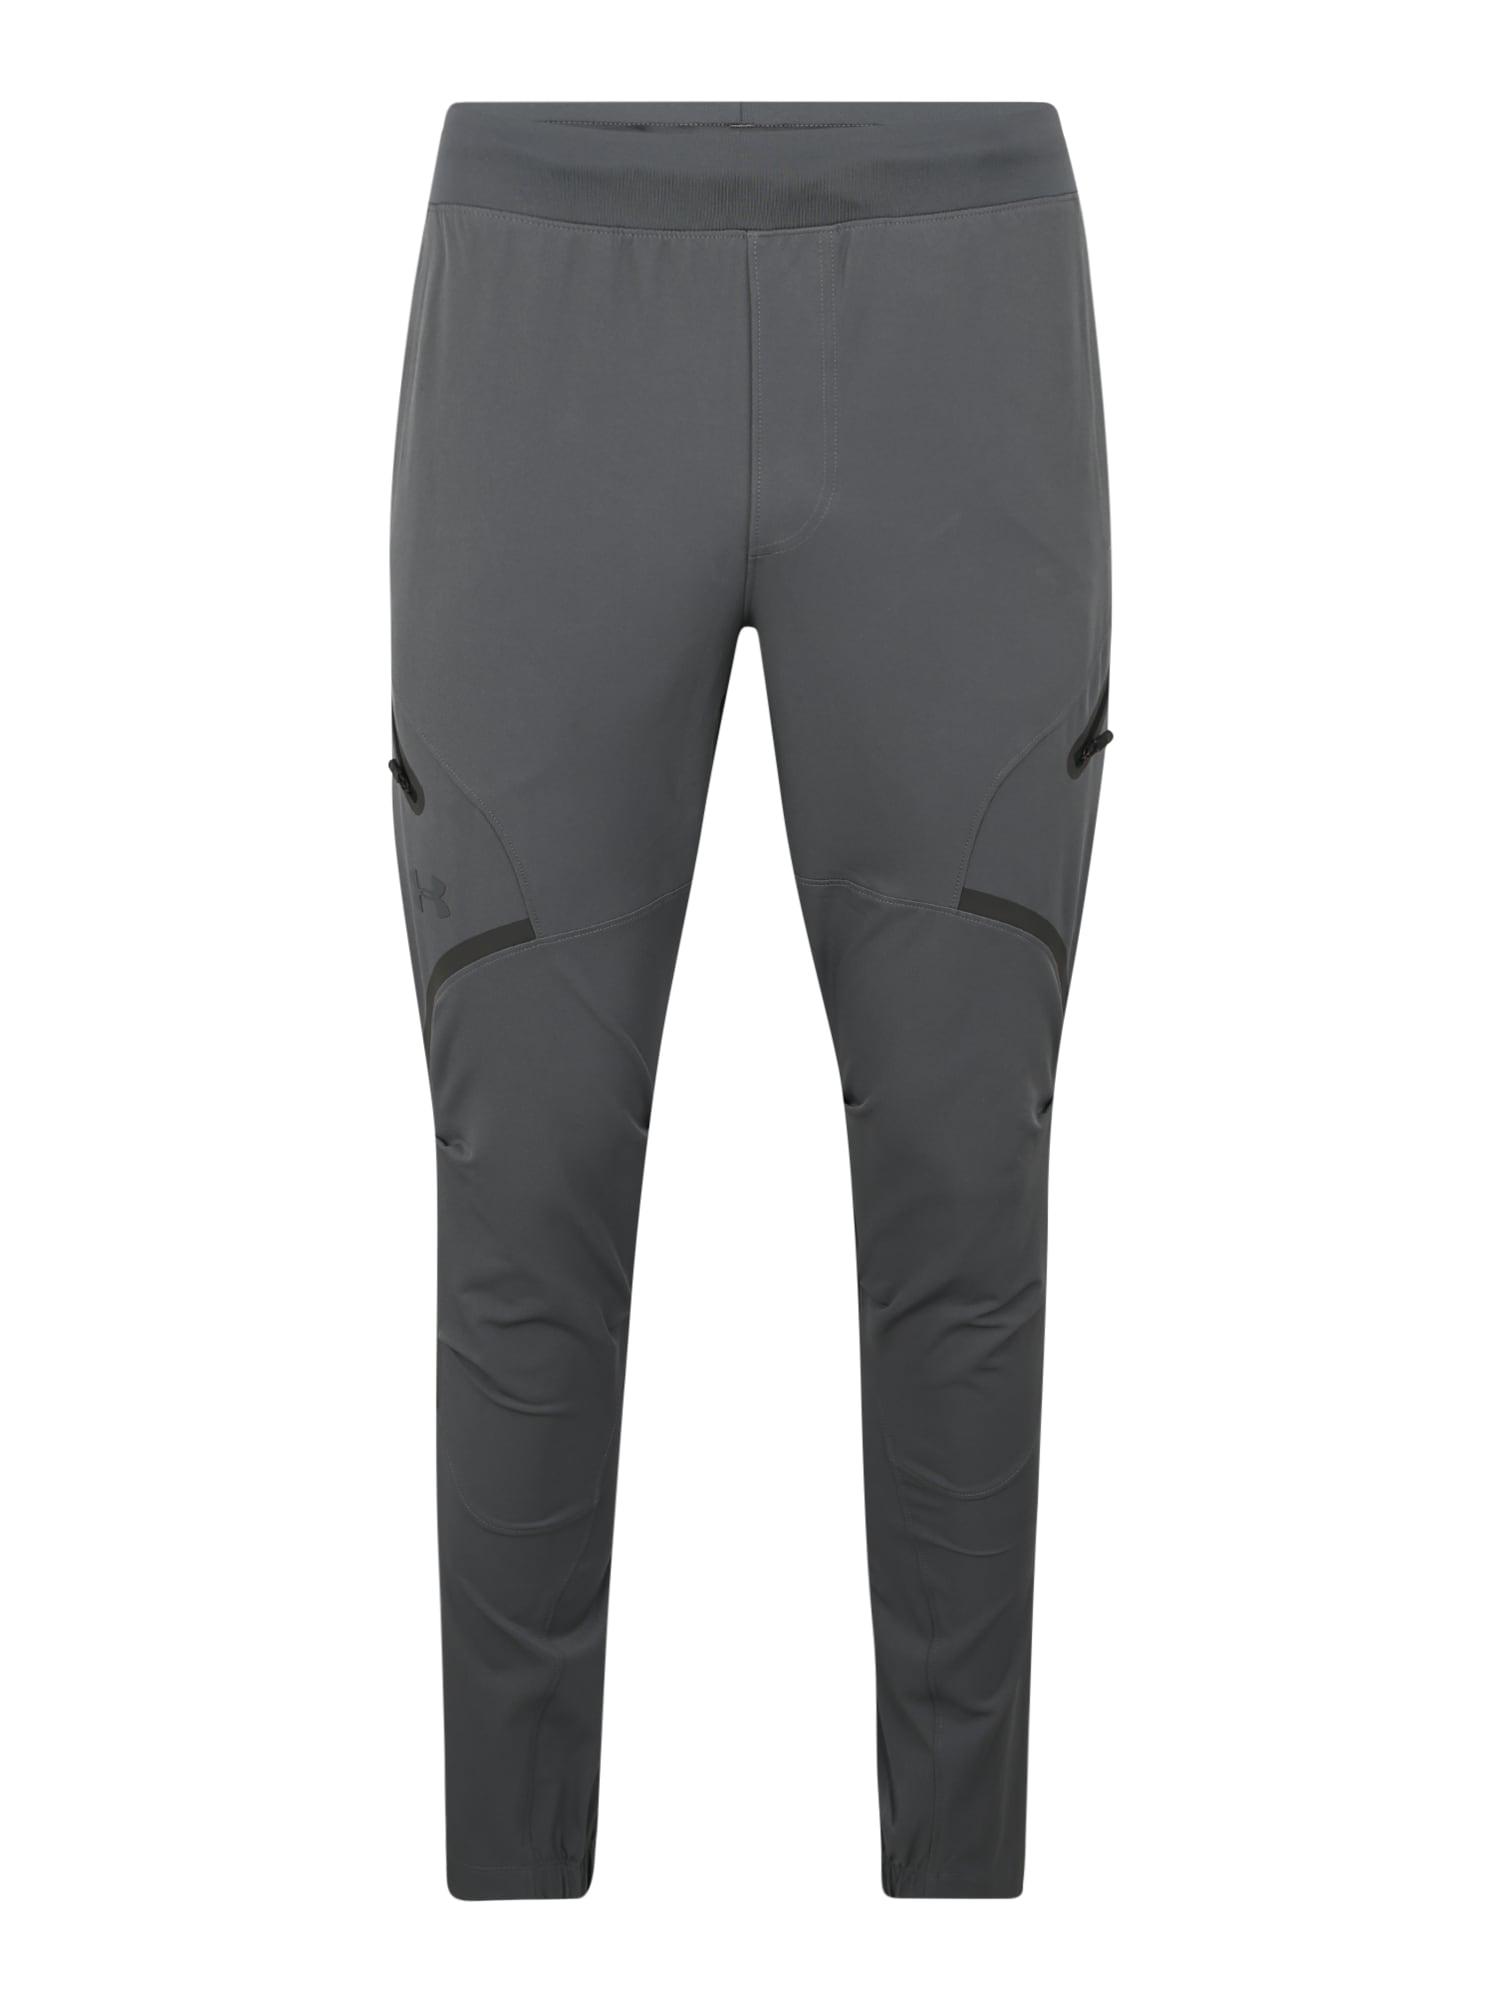 UNDER ARMOUR Sportinės kelnės pilka